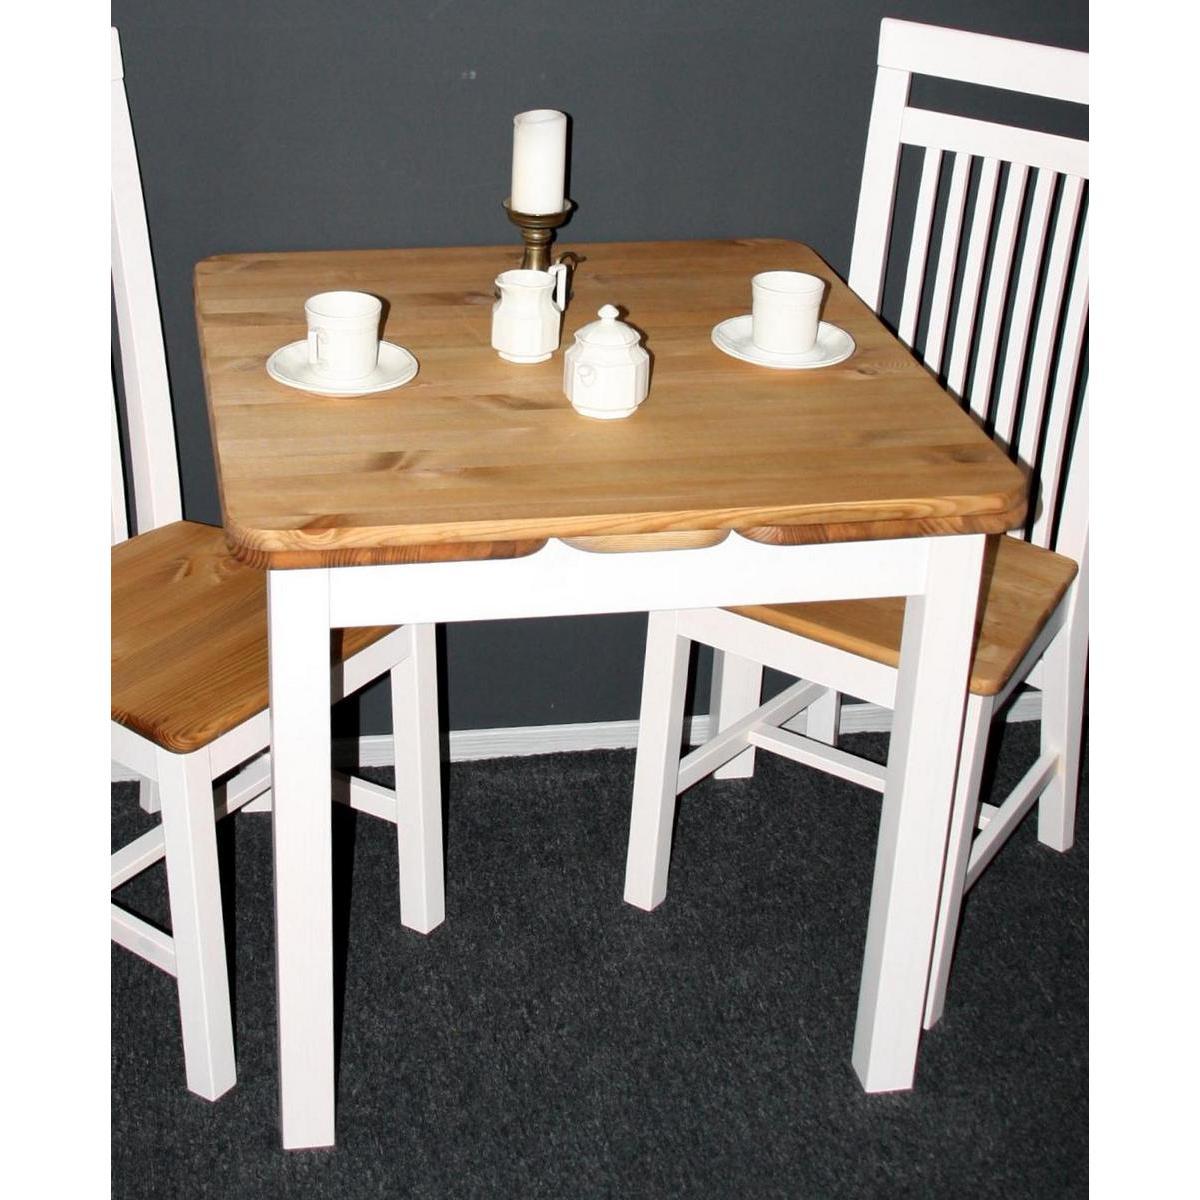 Küchentisch Massivholz Ausziehbar Weiß : Massivholz Esstisch Küchentisch Kiefer massiv weiß gelaugt geölt 2 ...